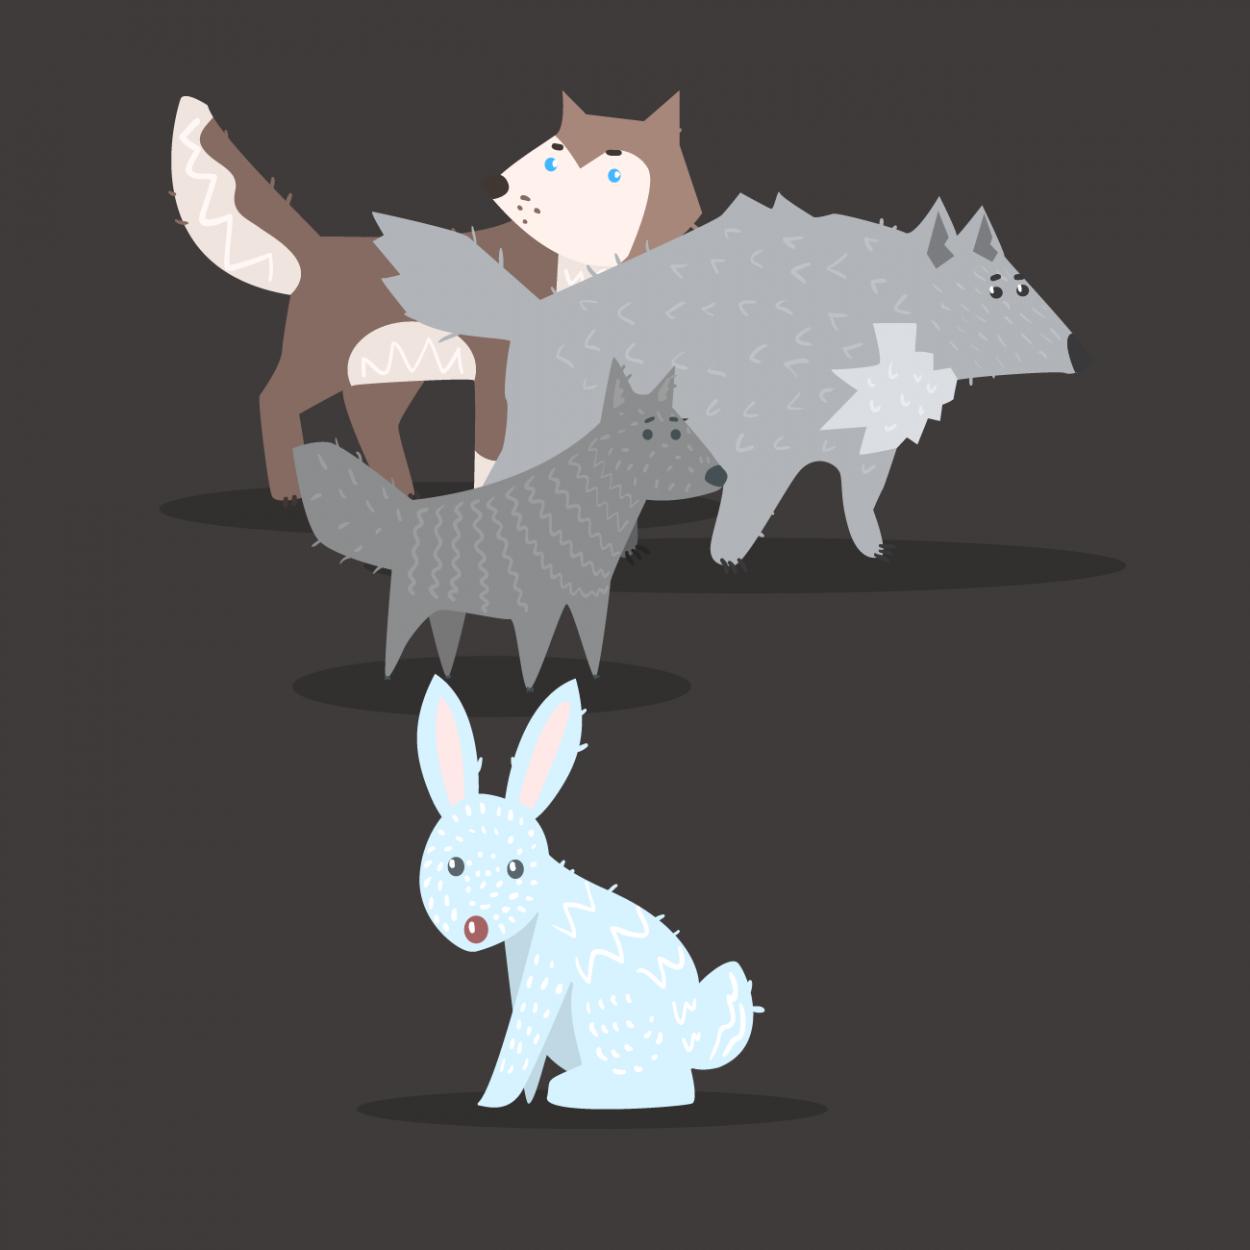 Анекдот про зайца истаю голодных волков